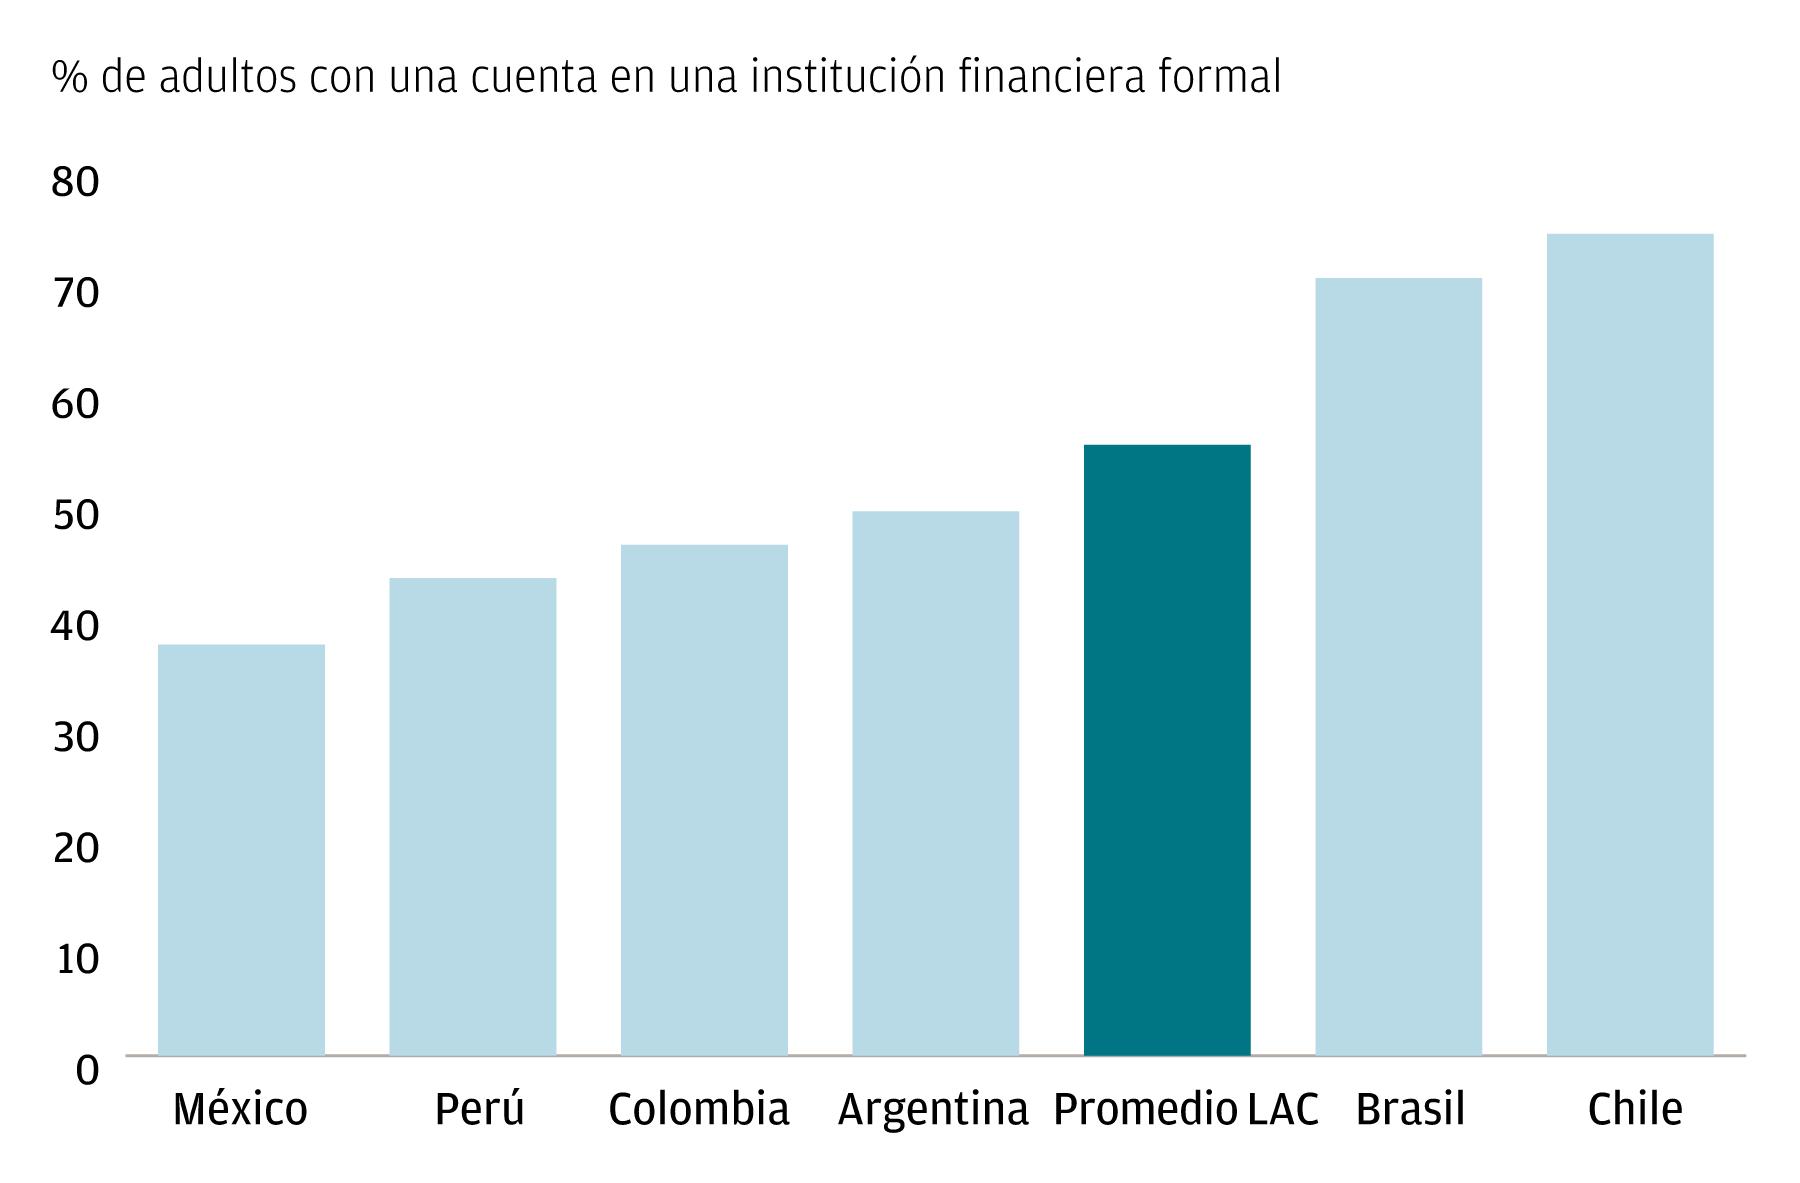 Una gráfica de barras que muestra la penetración de las cuentas a través del porcentaje de adultos que tienen una cuenta en una institución financiera formal, para determinados países de América Latina y el Caribe, en comparación con el promedio regional.